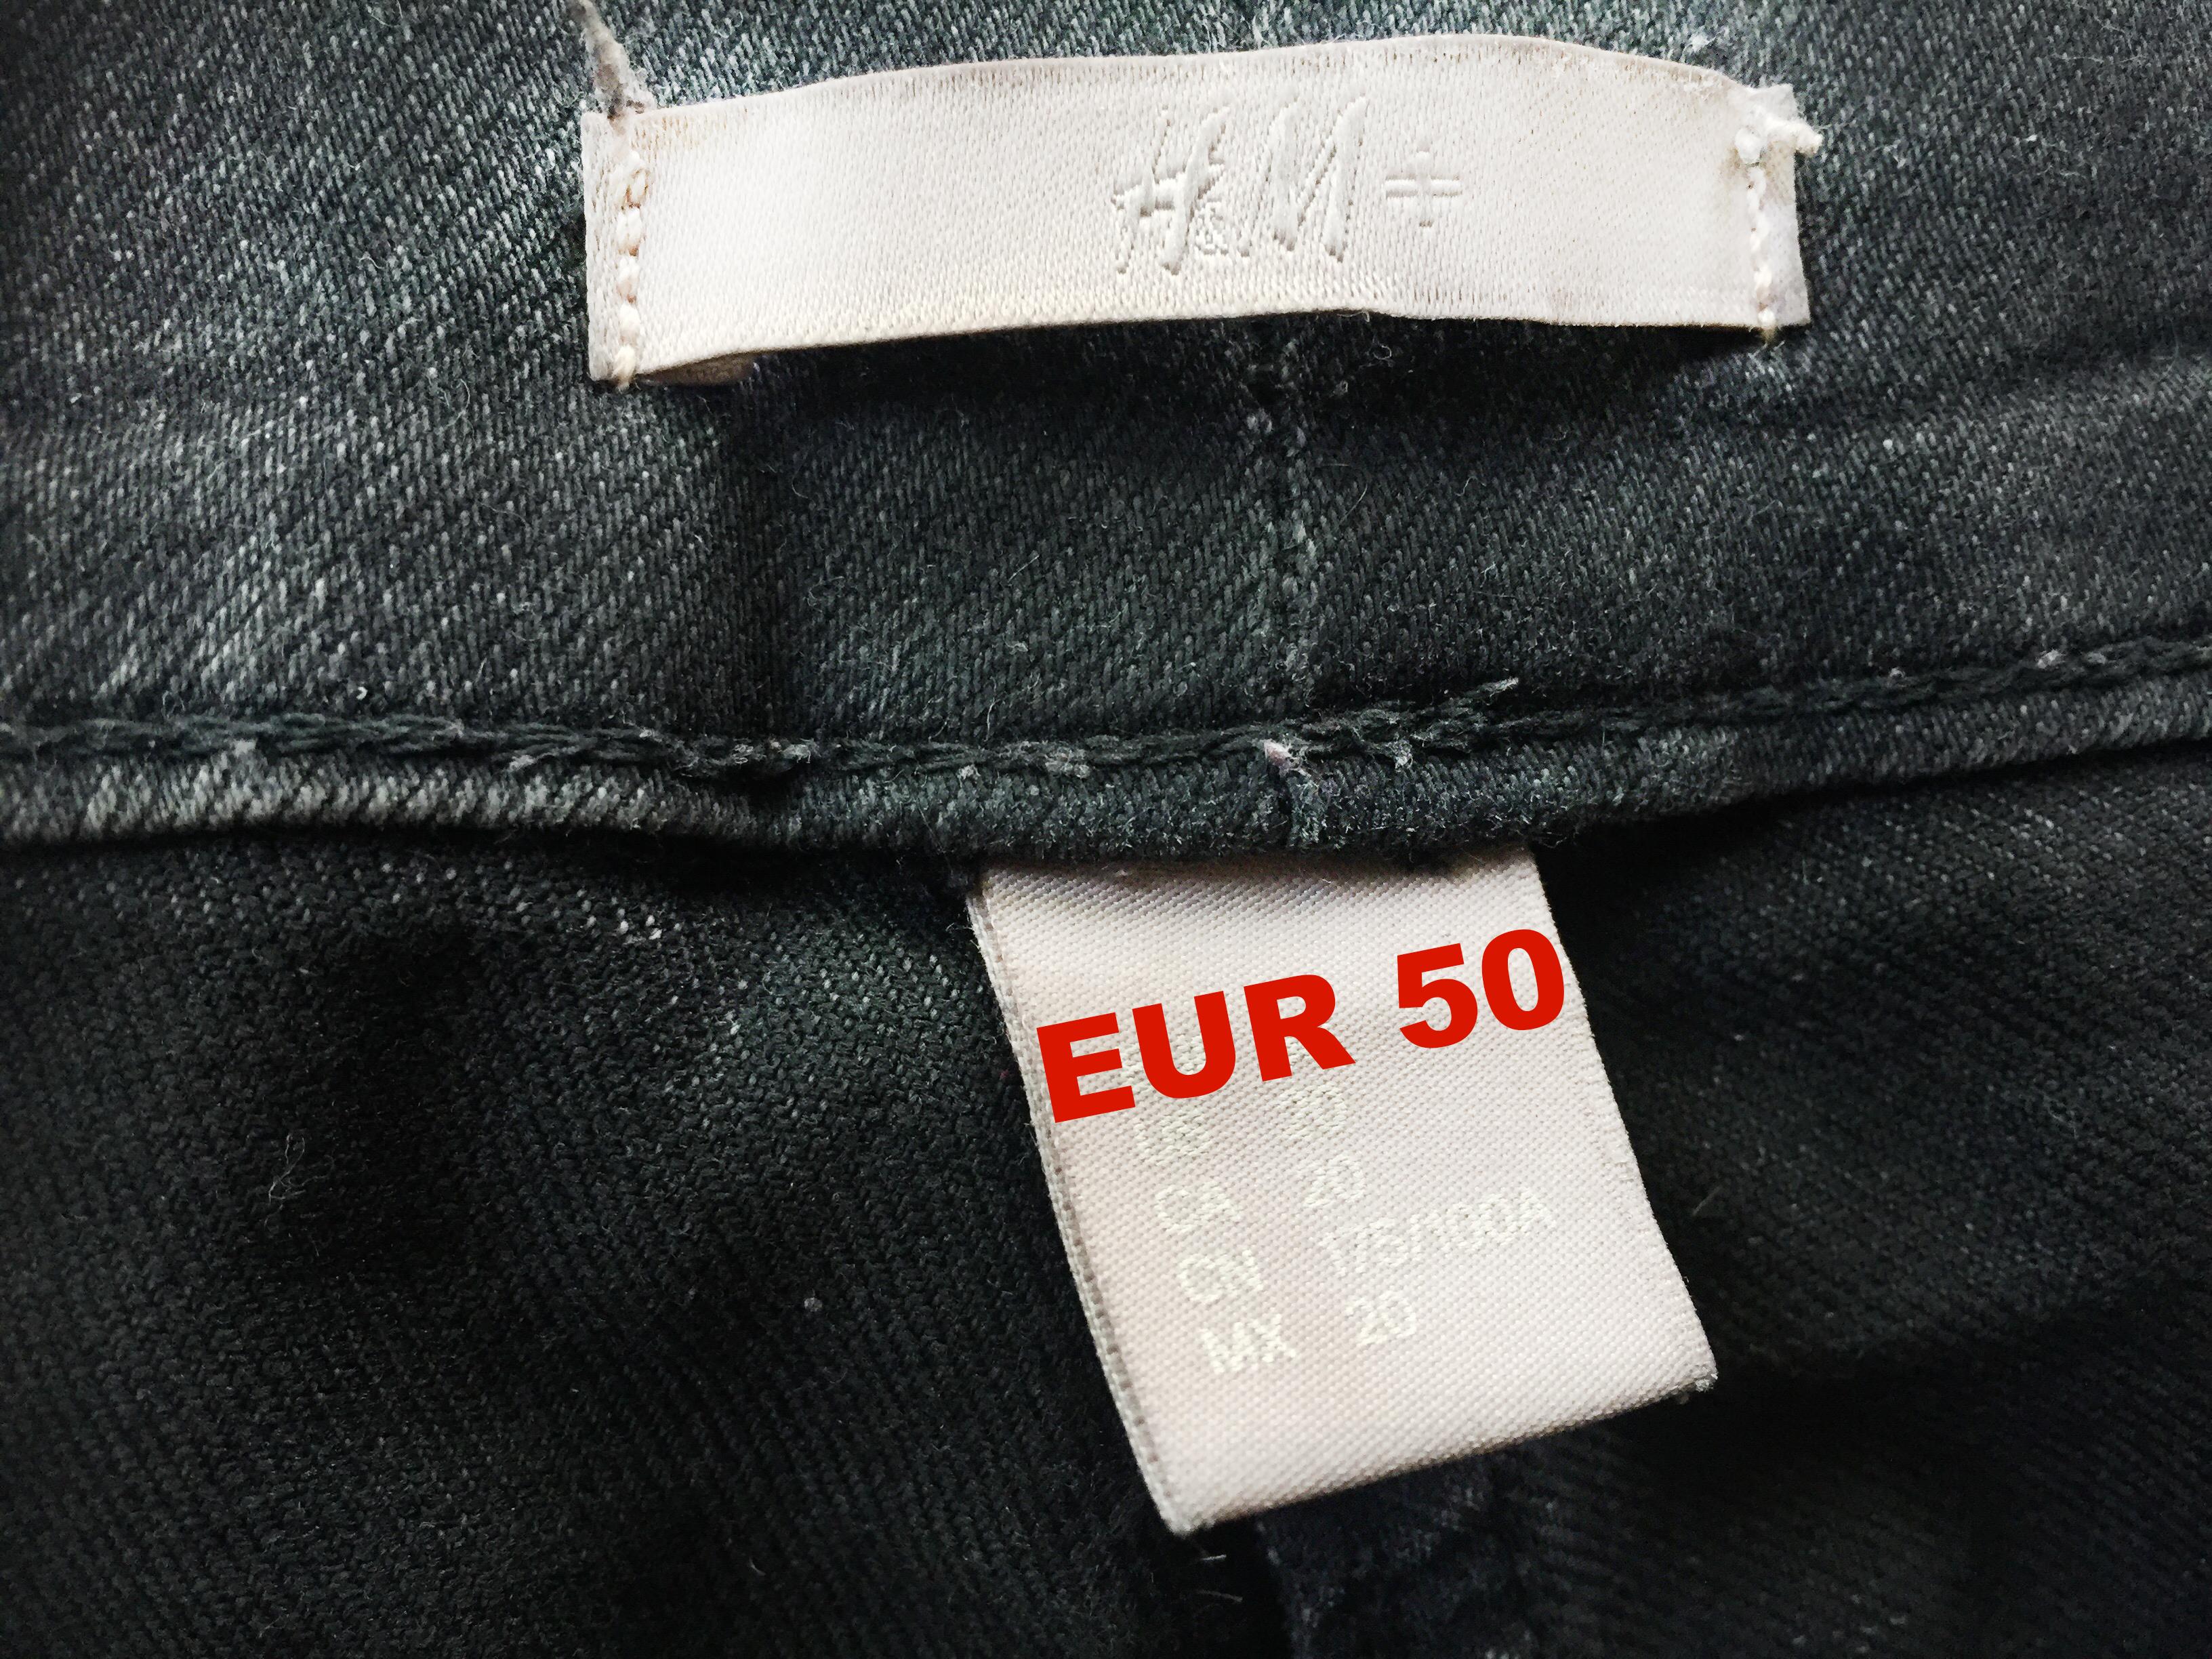 H&m große größen filialen münchen